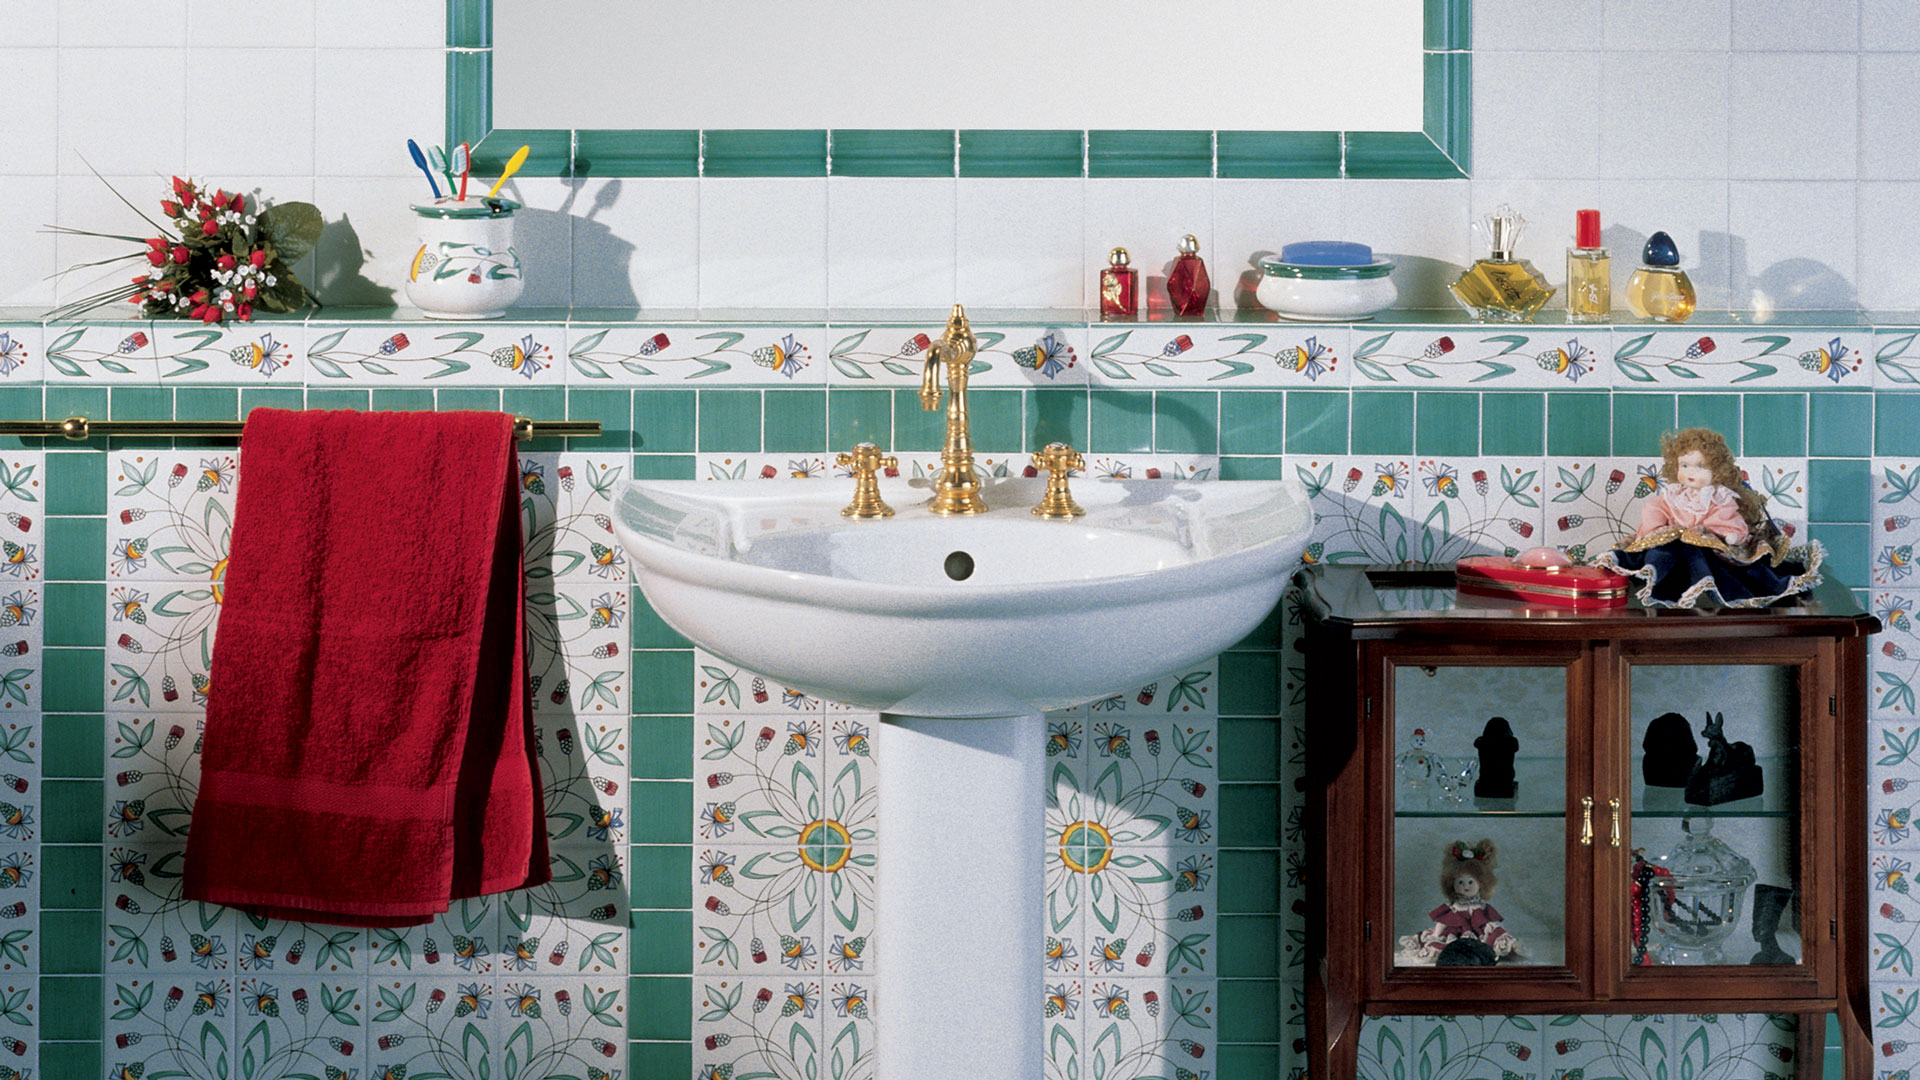 Valorizzare il bagno con le piastrelle ecco 15 idee a cui ispirarsi - Piastrelle cucina vietri ...